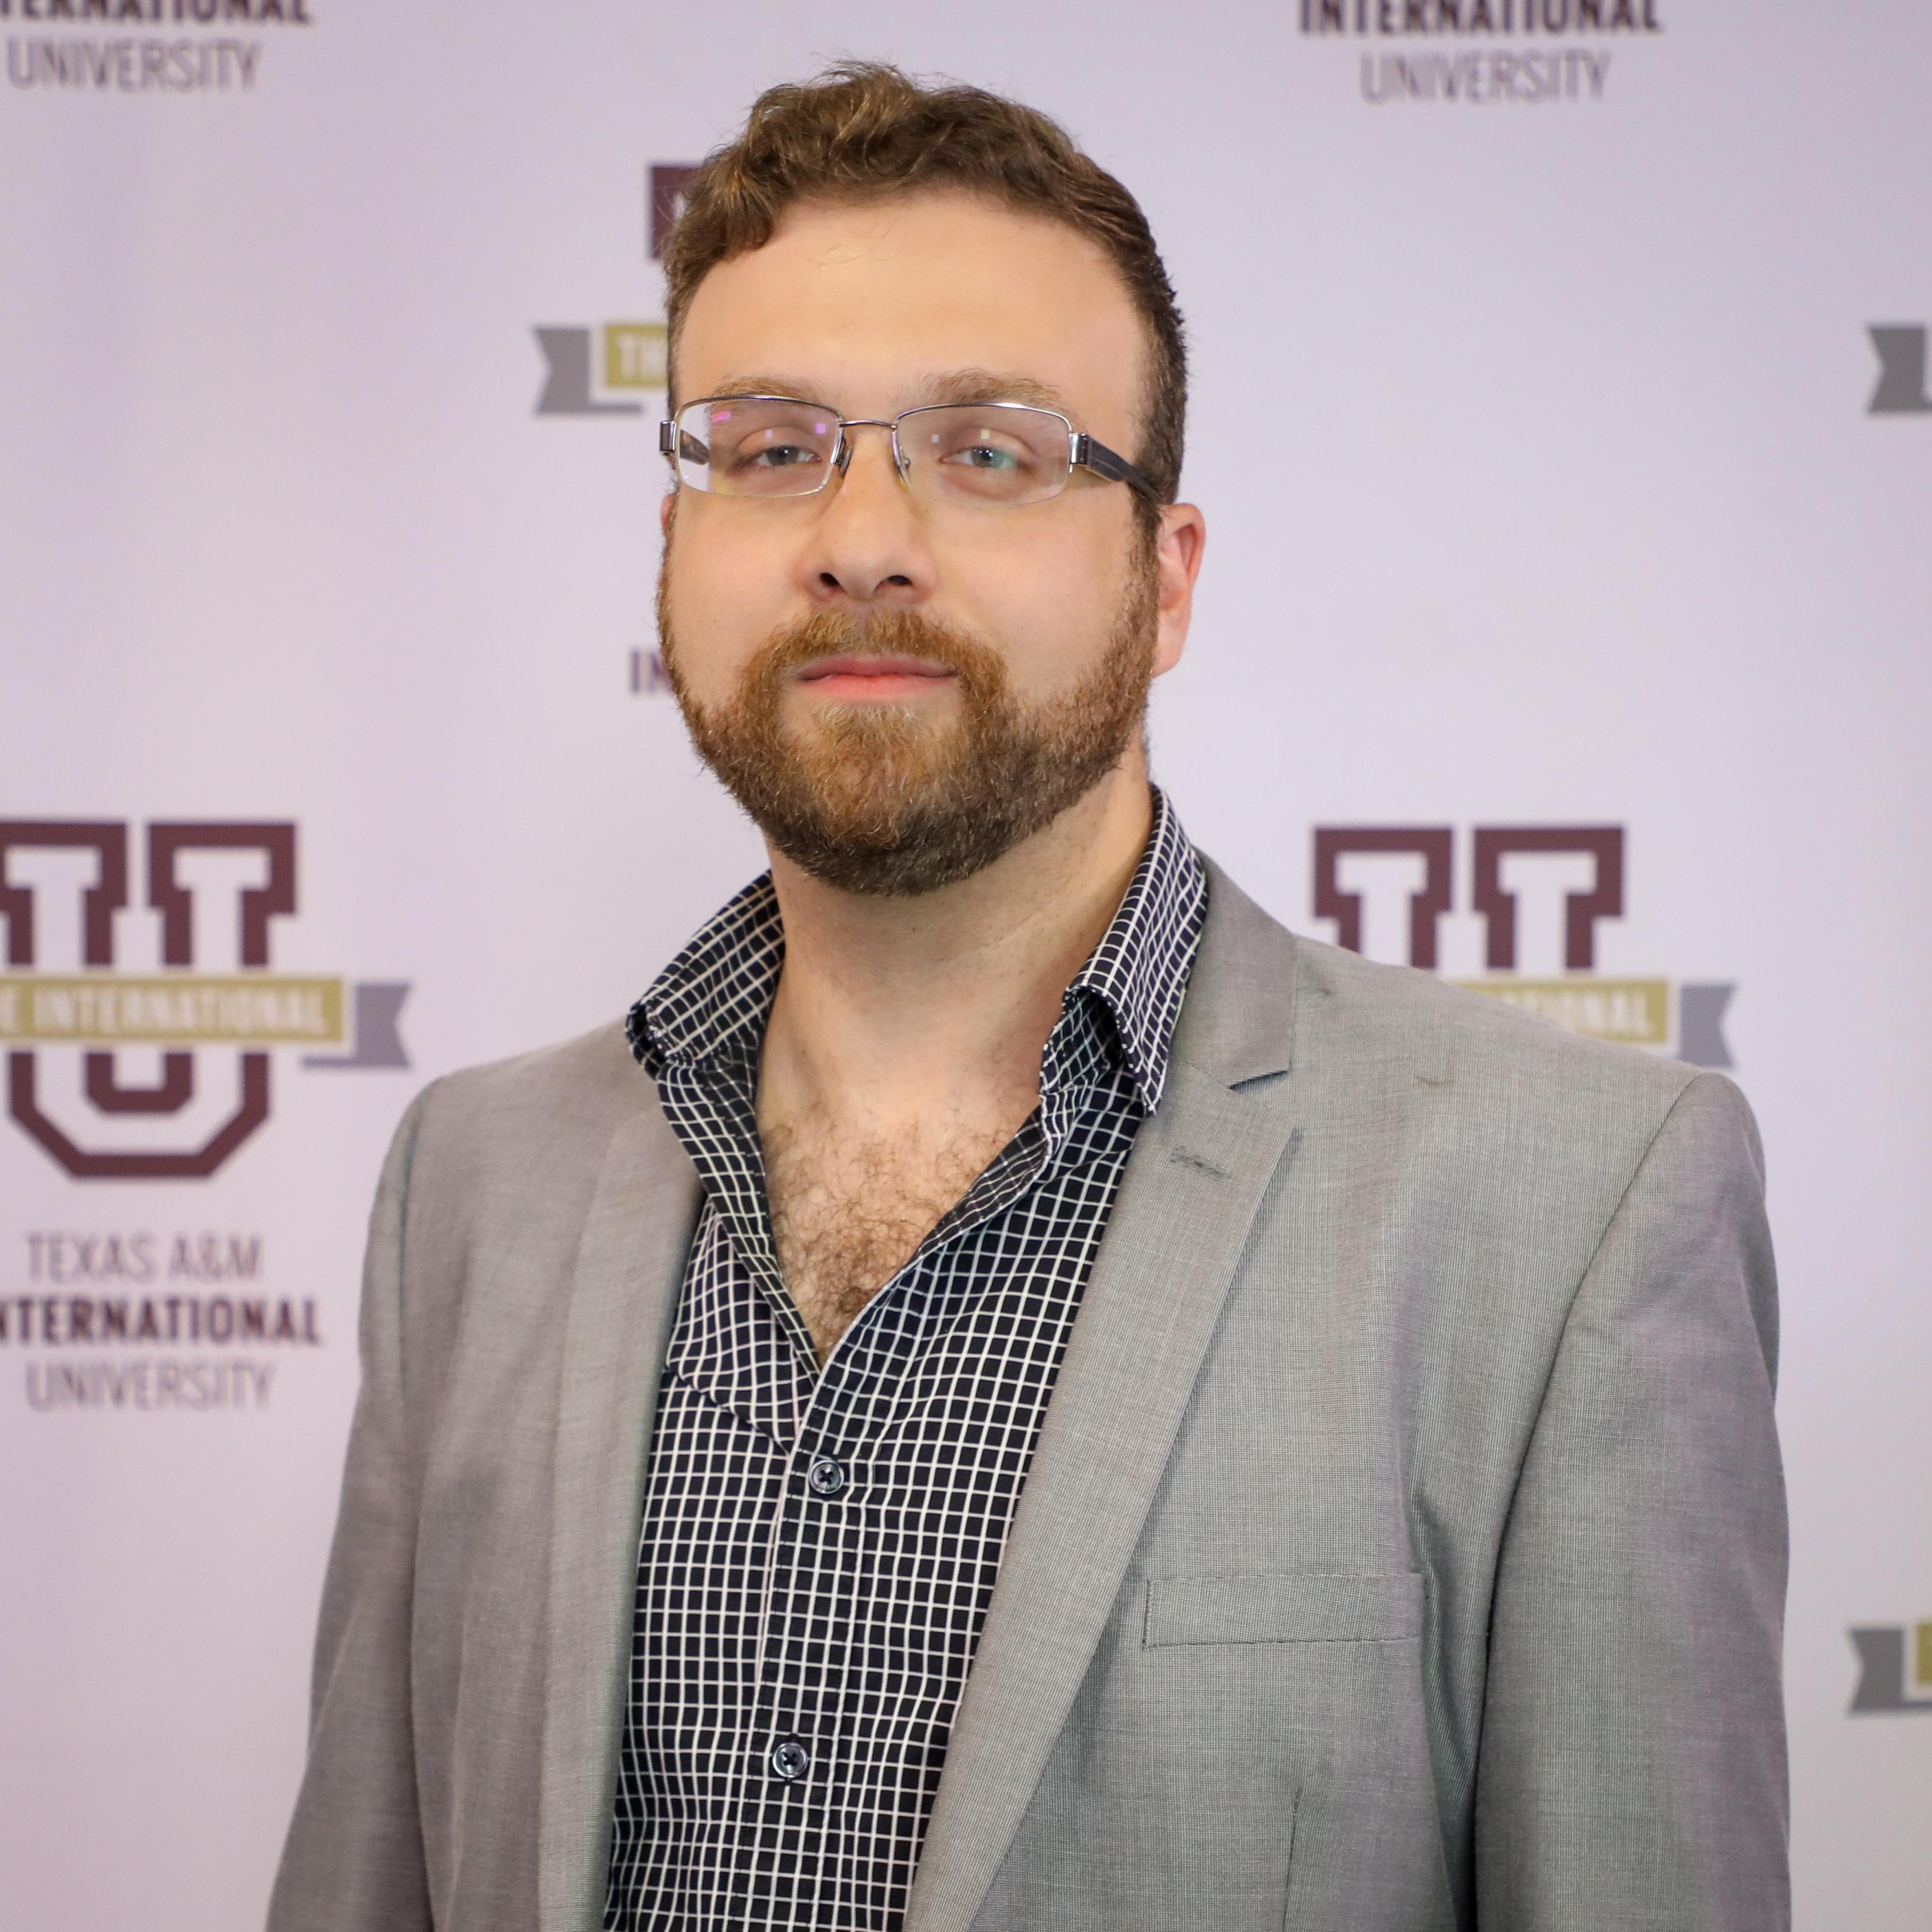 Dr. Adam Kozaczka